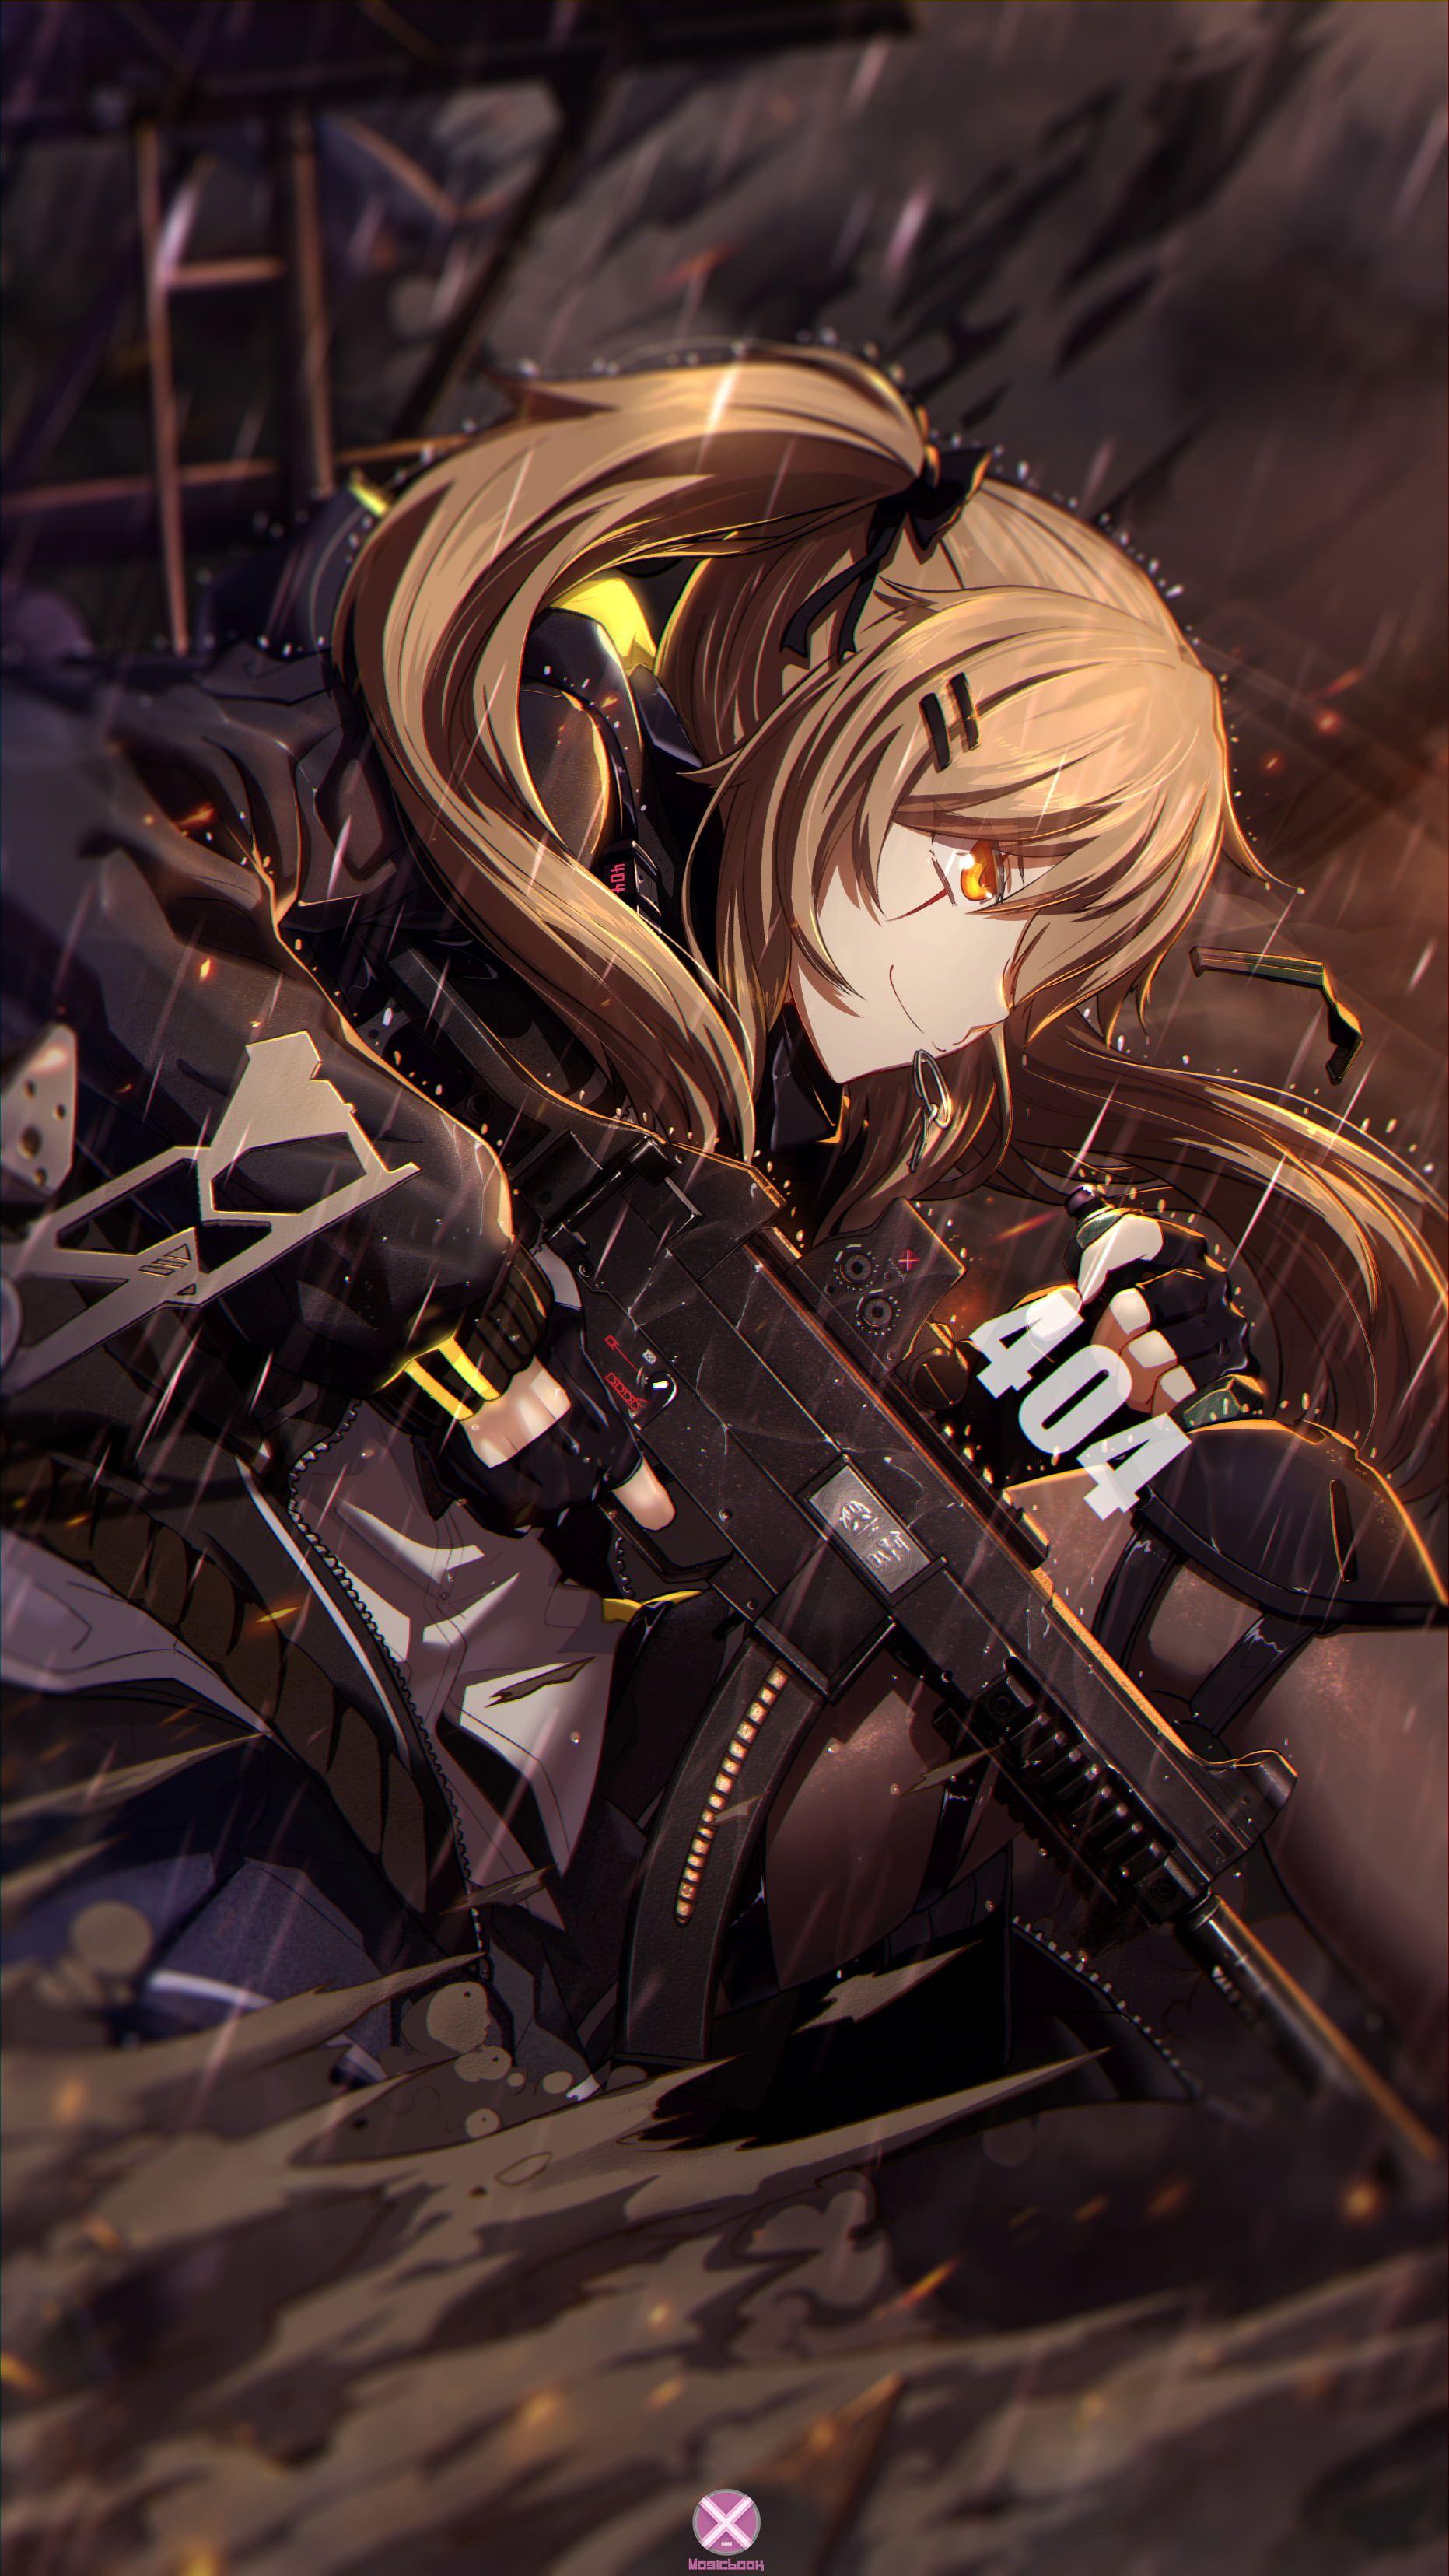 Anime gunslinger mobile wallpaper